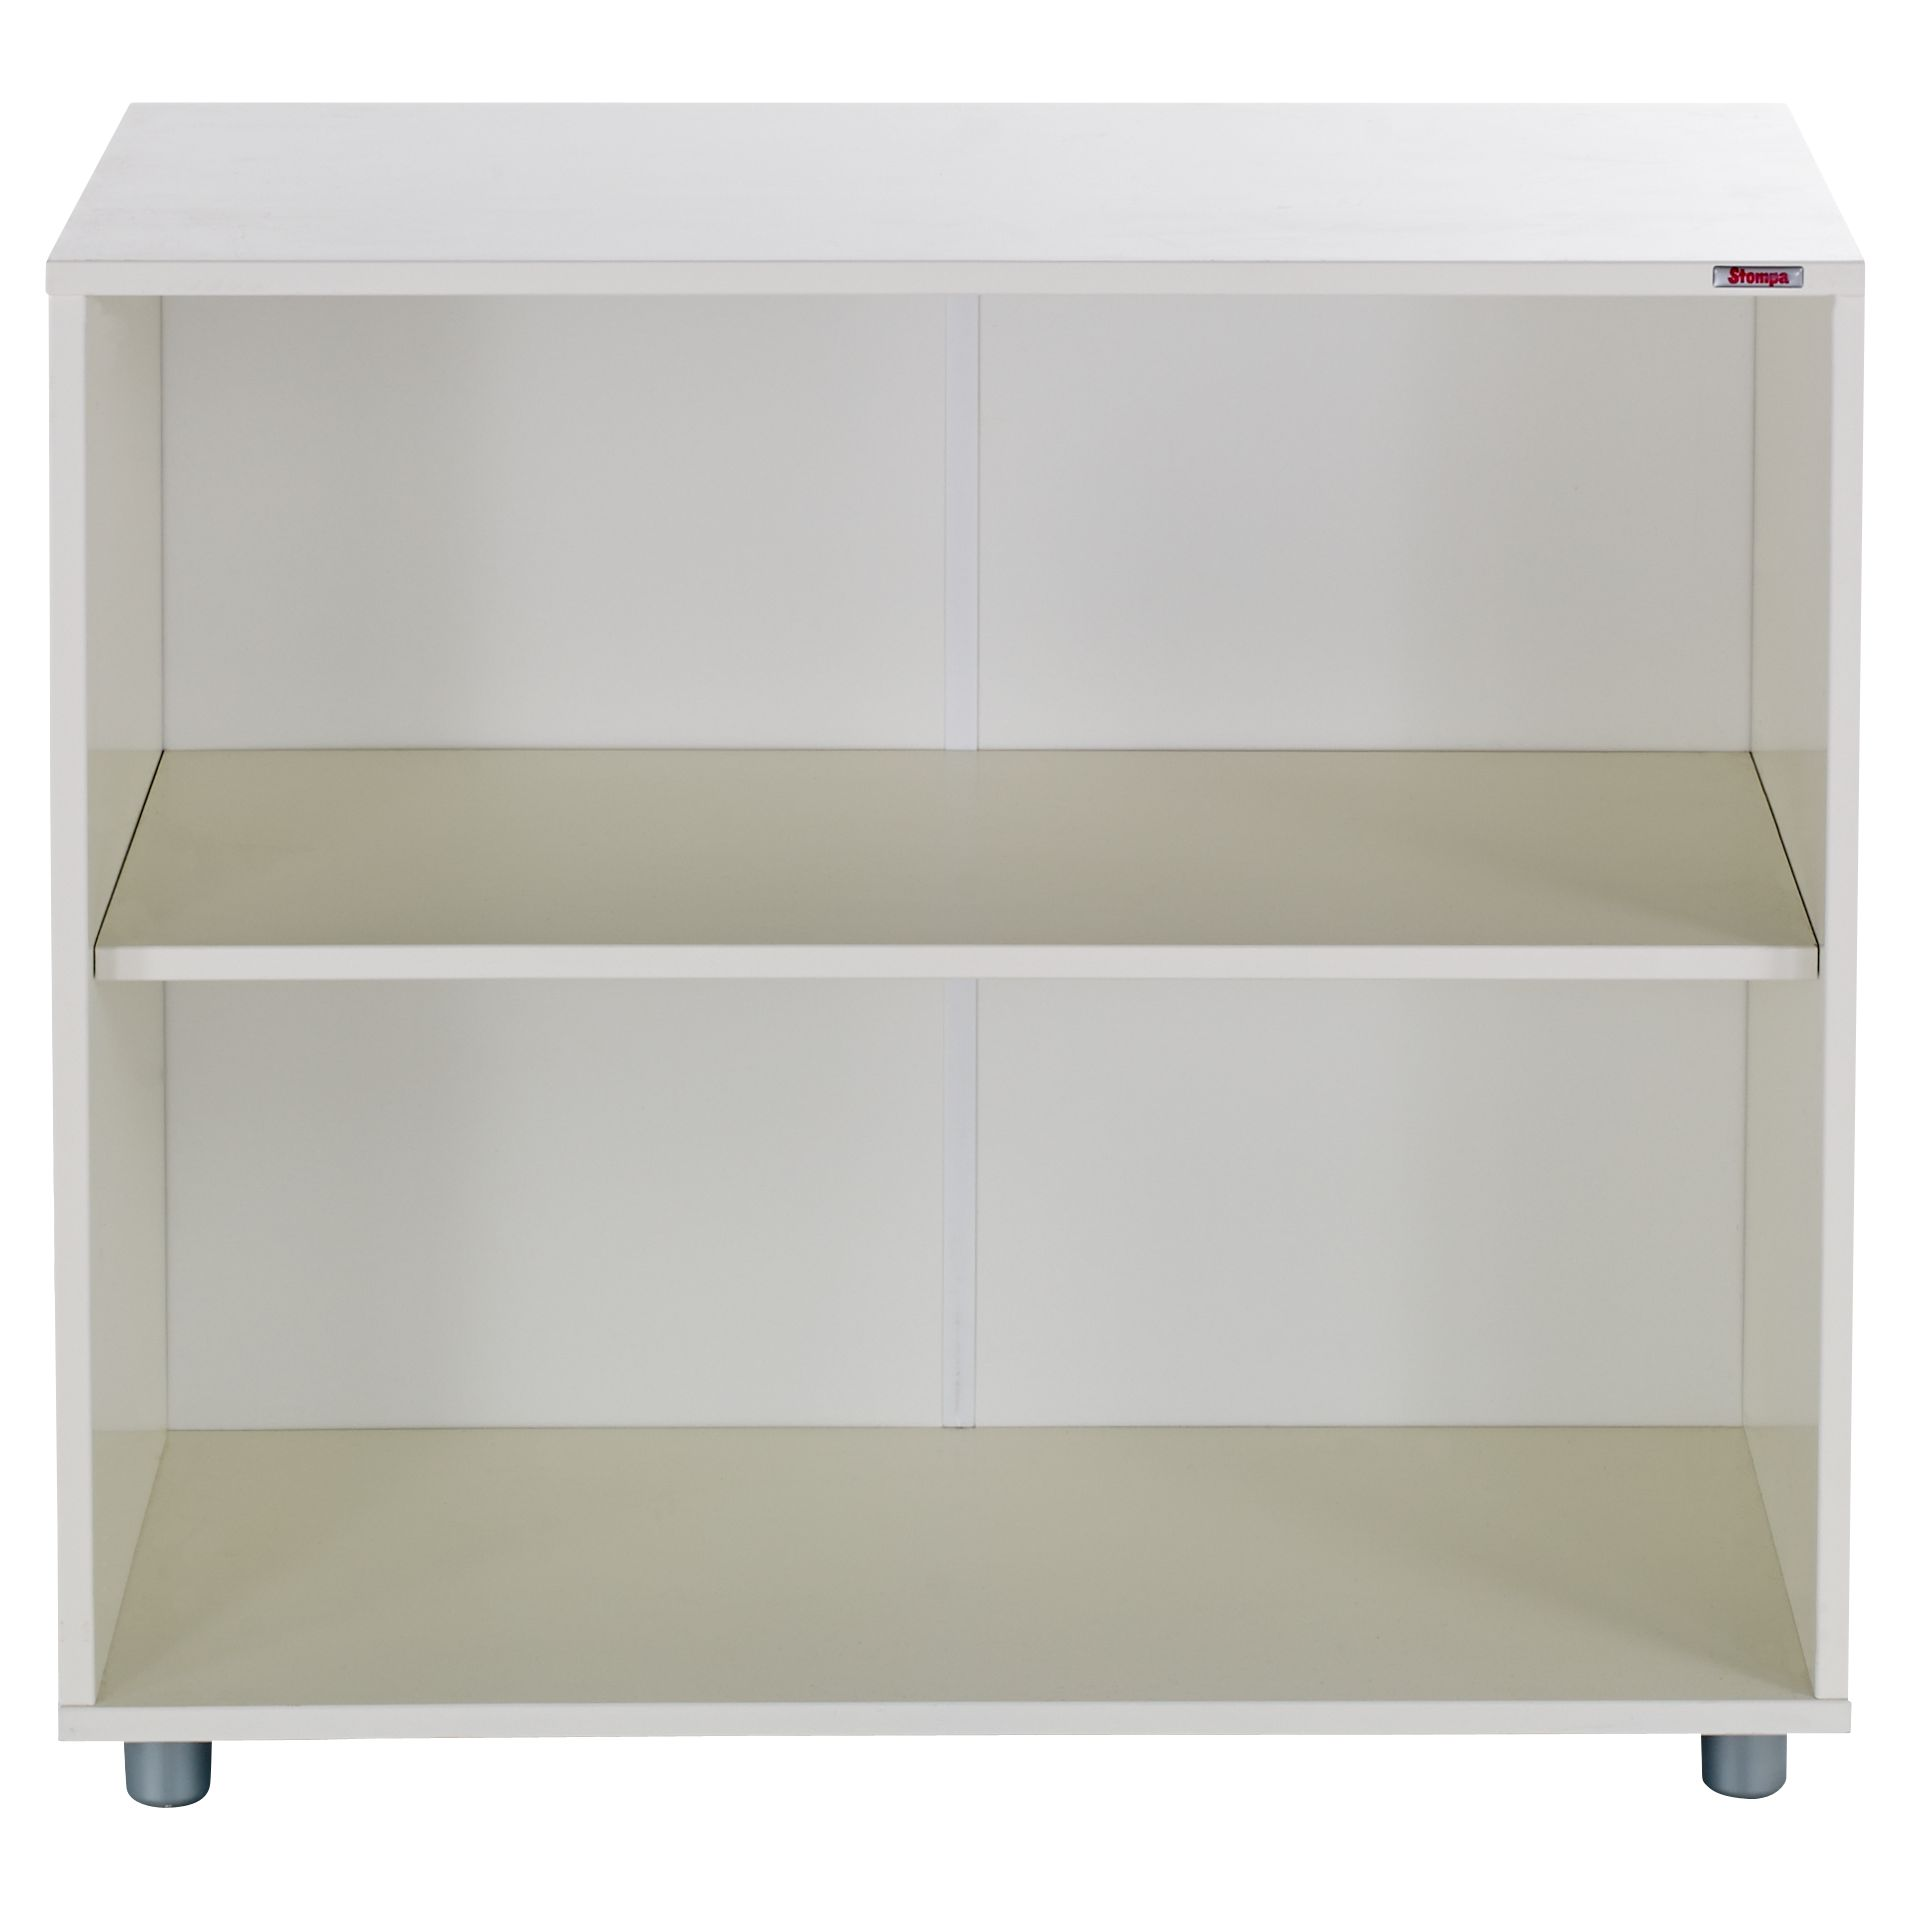 Stompa Stompa Uno S Plus Bookcase, White